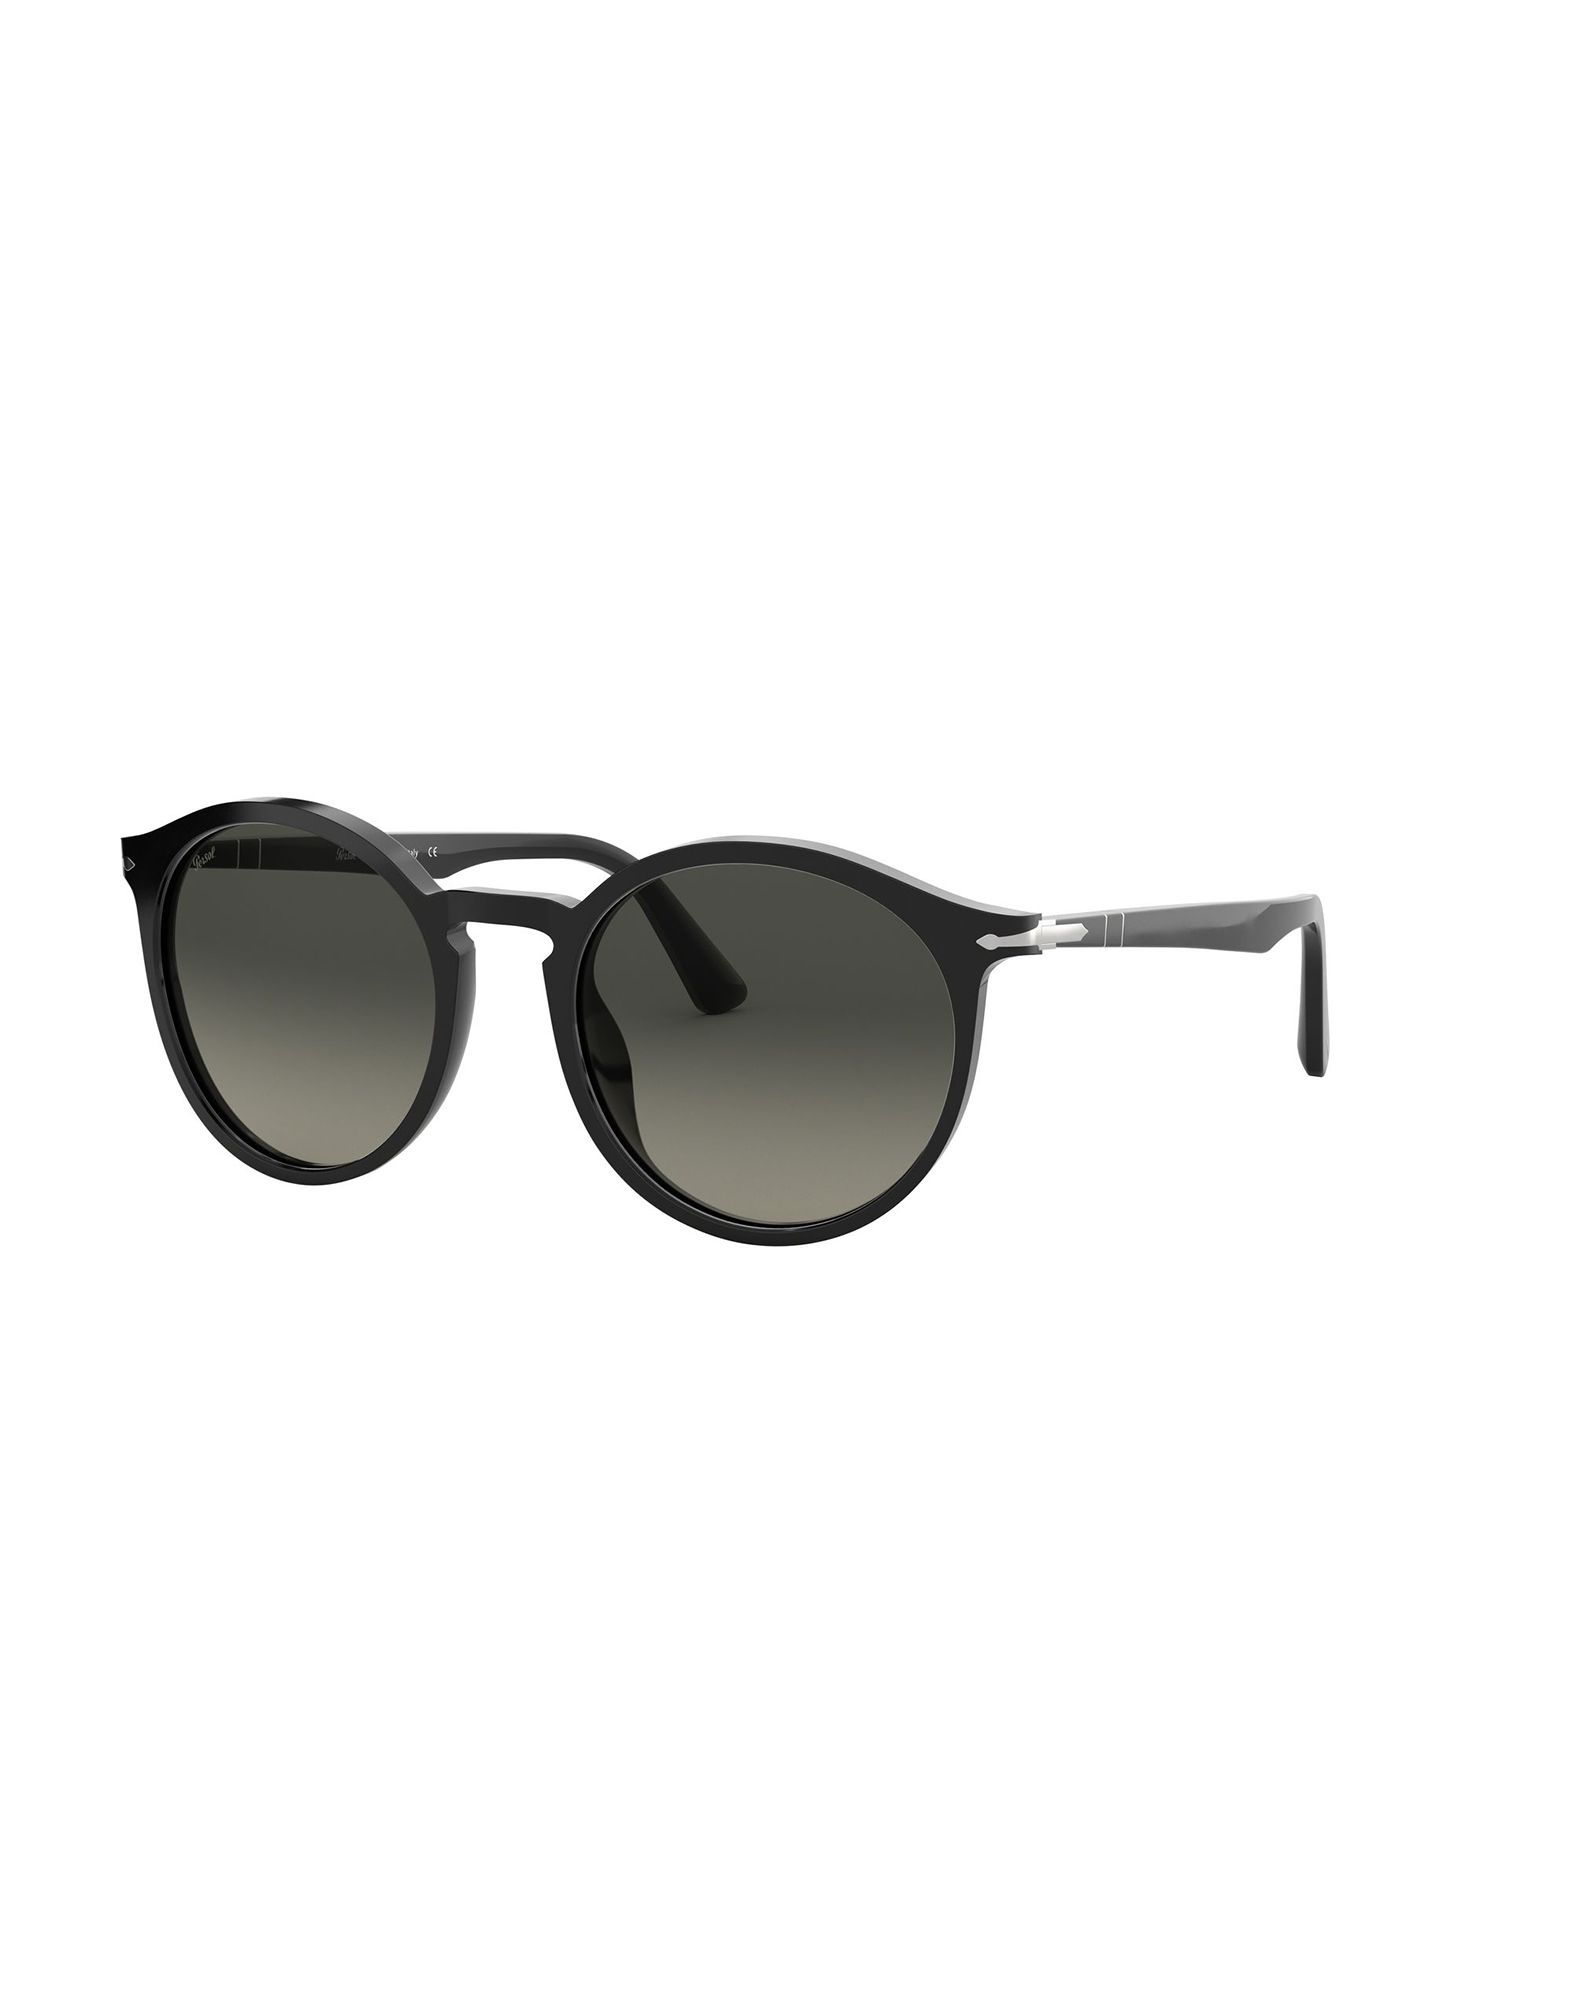 цена на PERSOL Солнечные очки